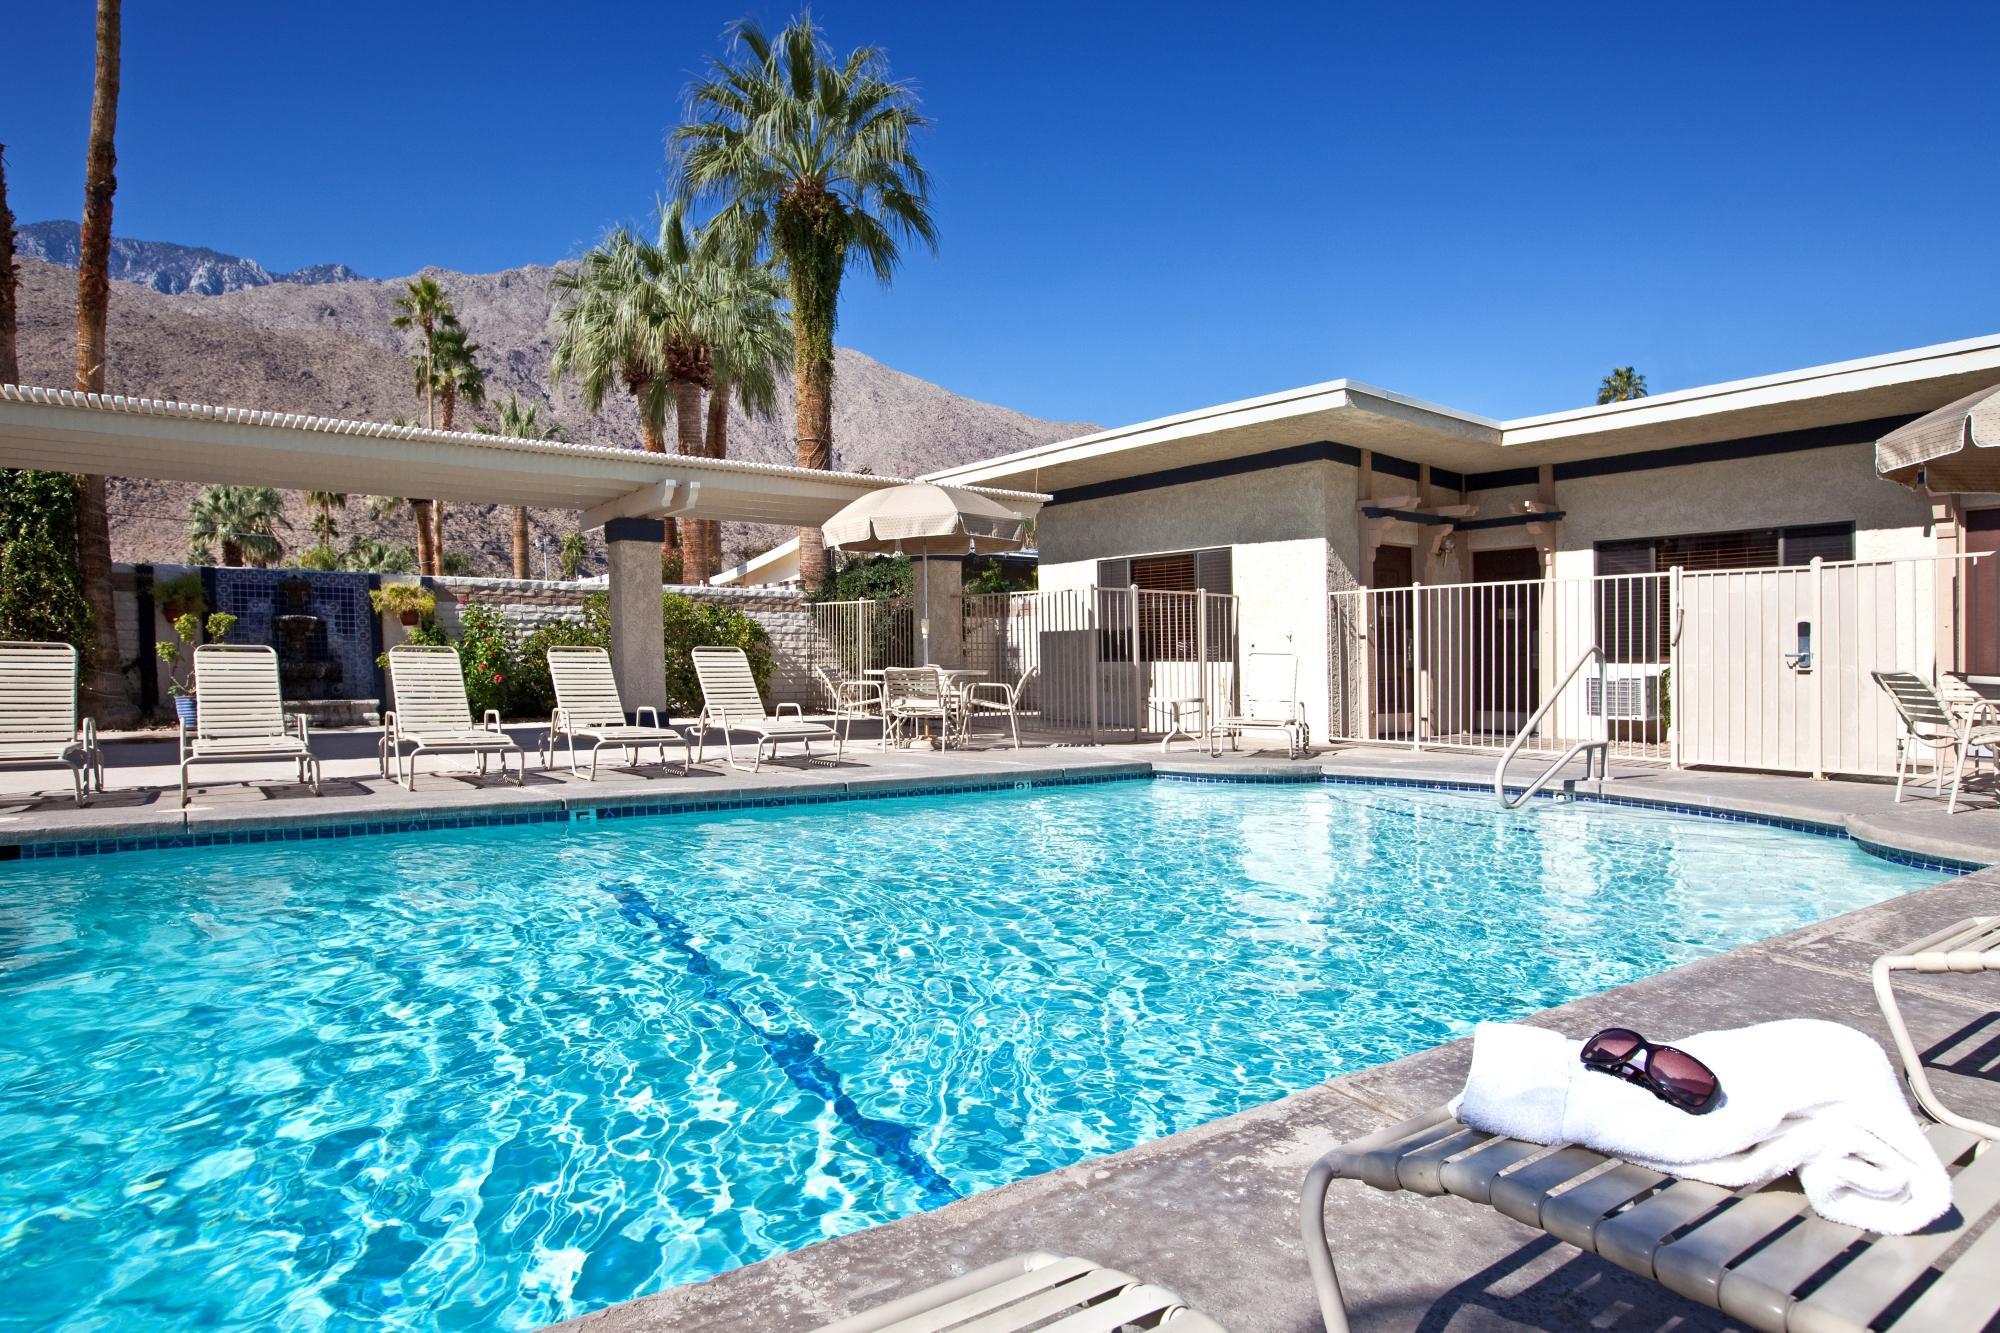 Azure Sky Resort